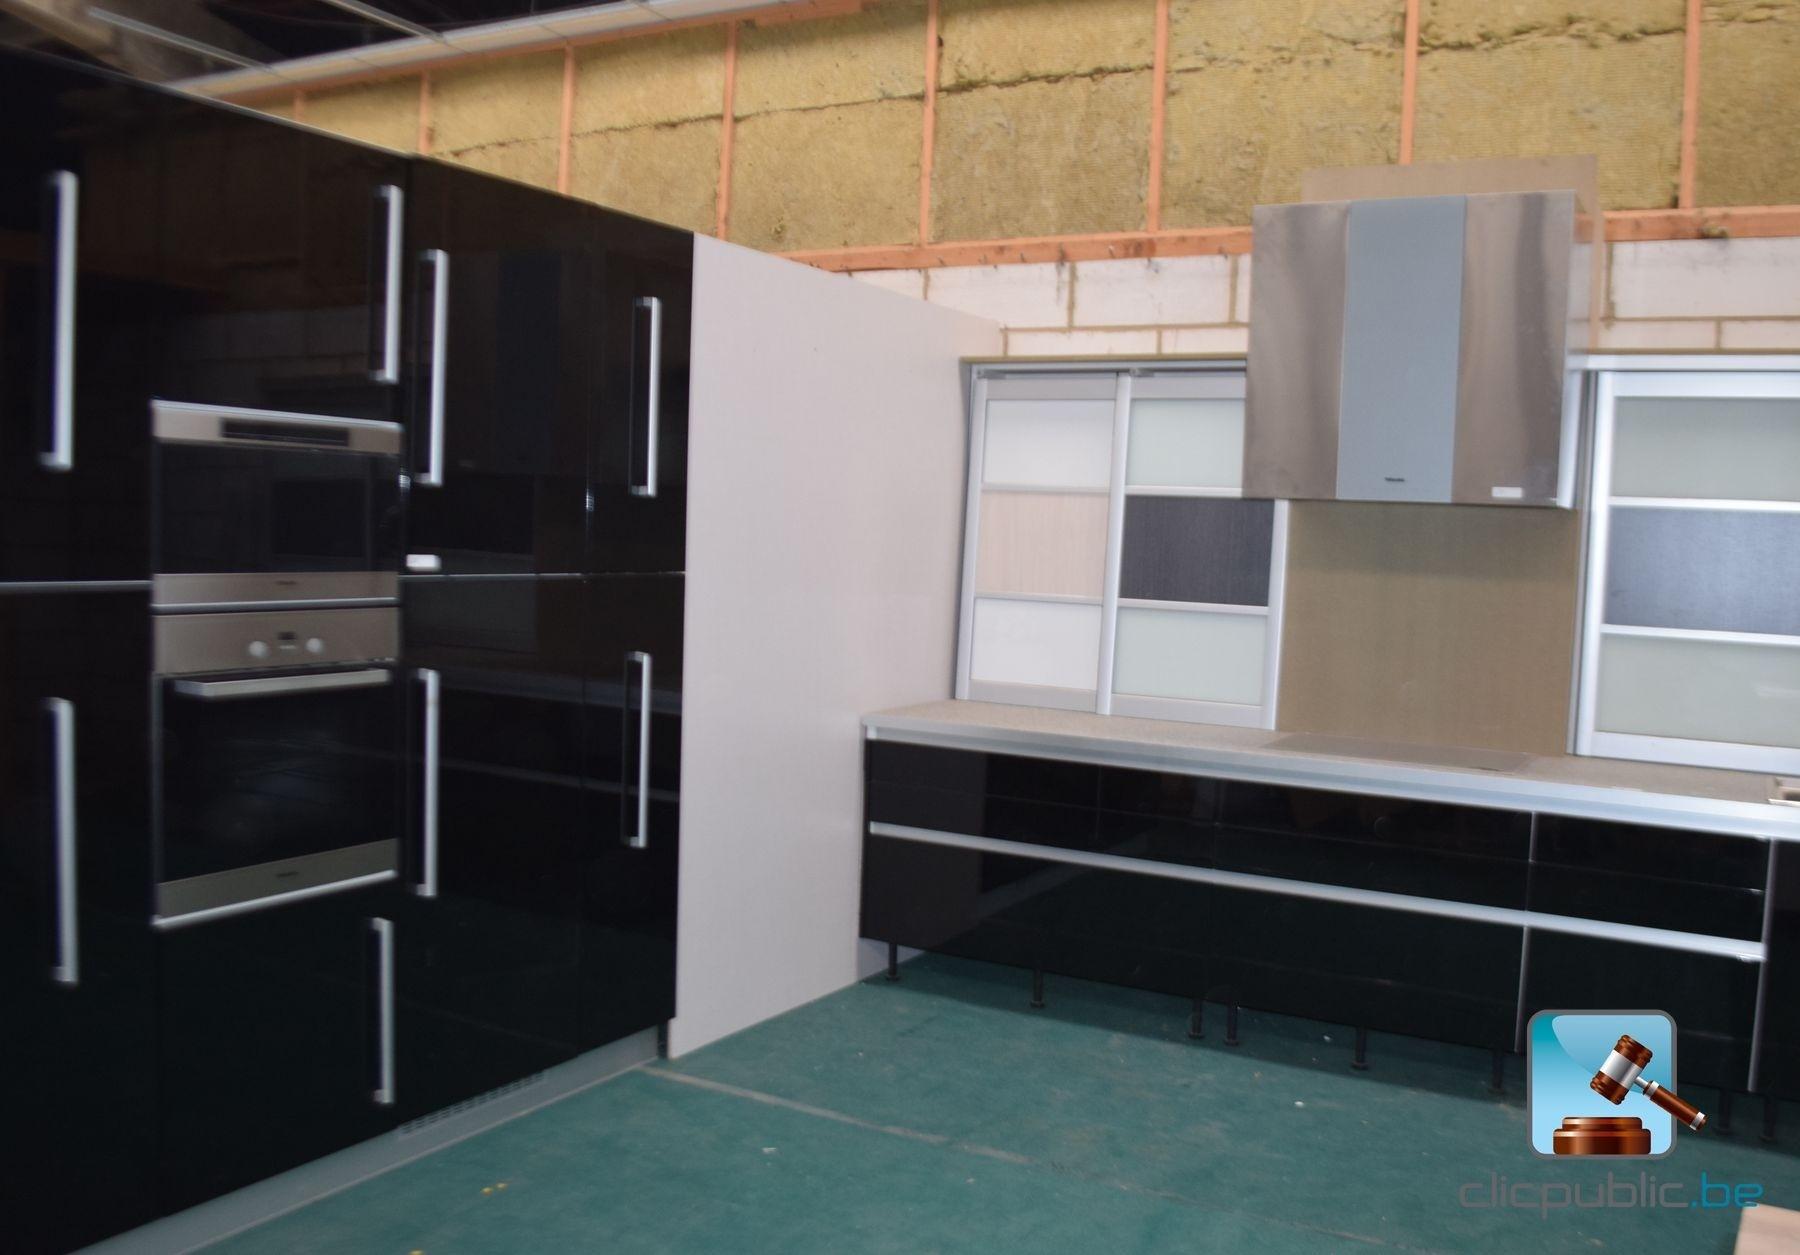 Keuken design laqu e noir aluminium et inox ref 68 te koop op - Keuken amenagee et equipee ...